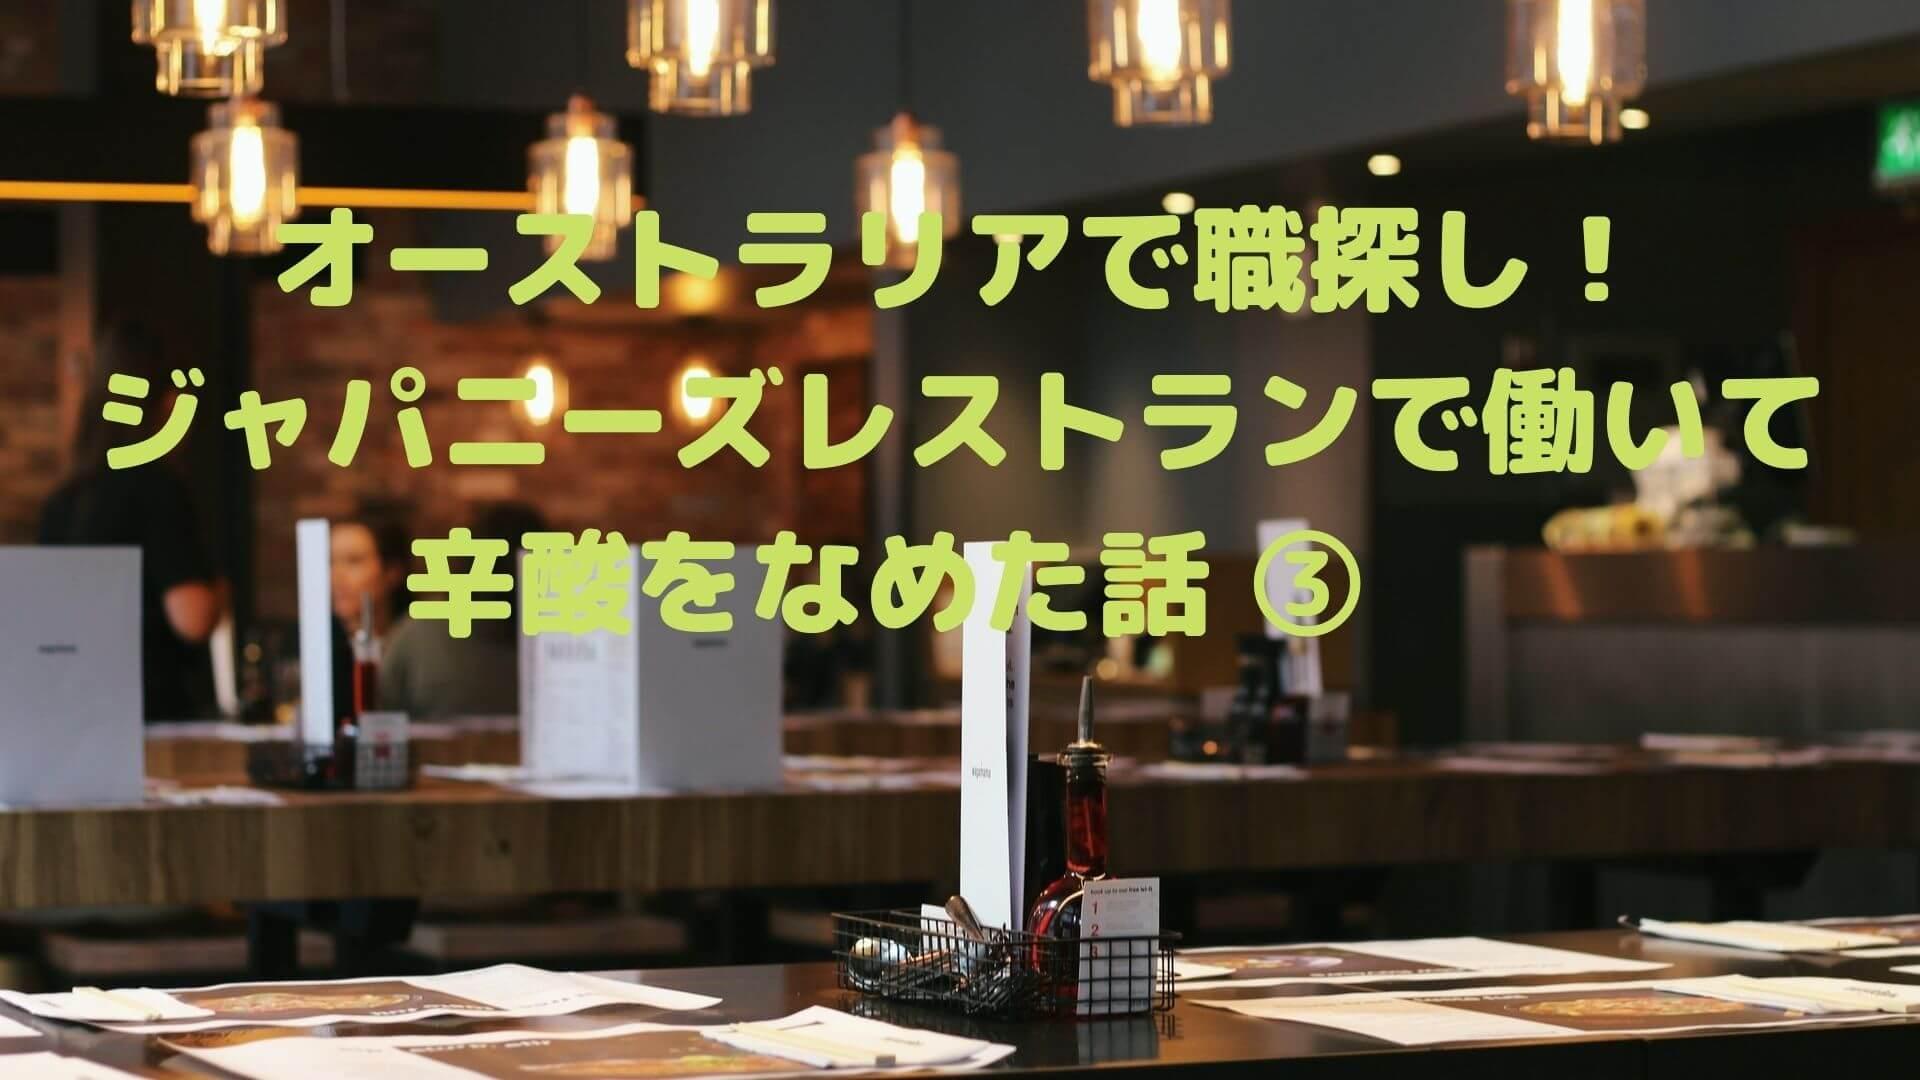 日本レストランの様子